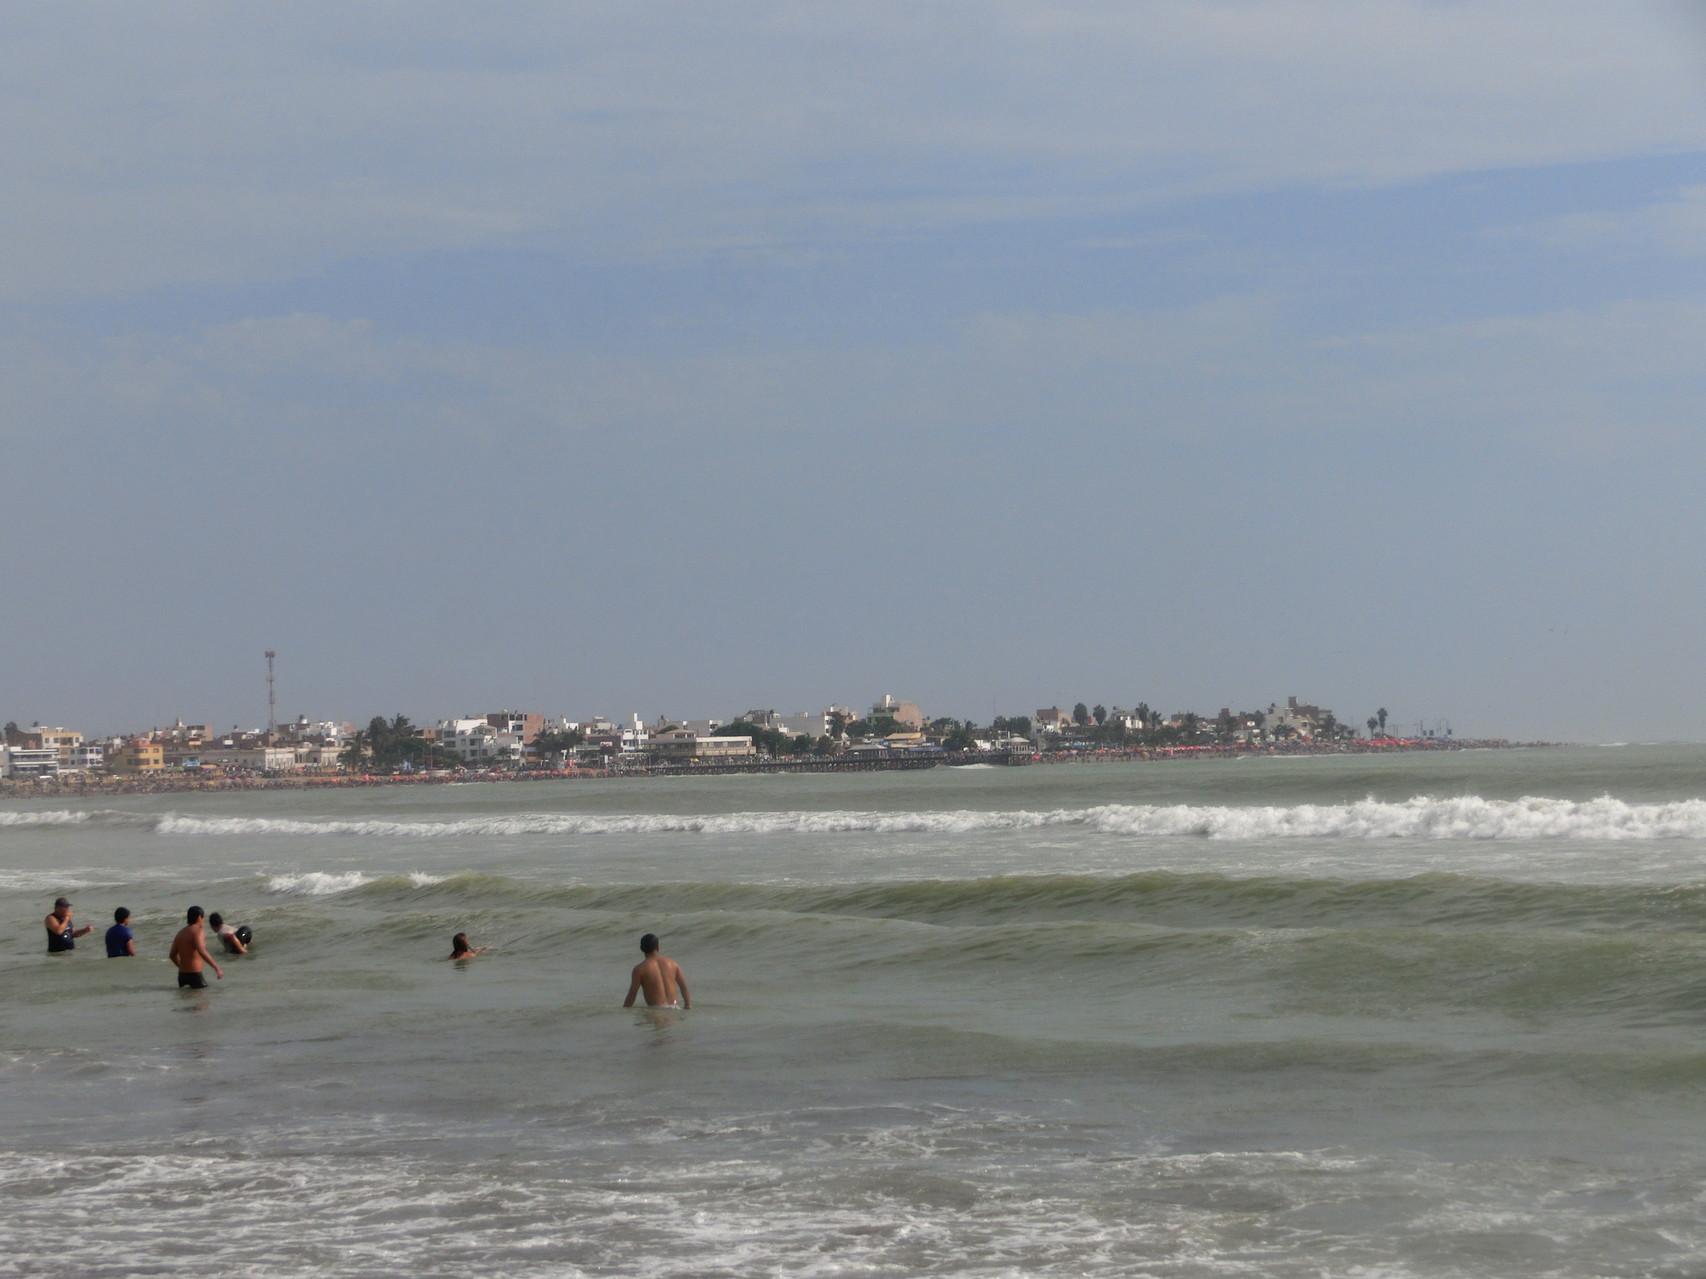 Hier gibt es satte Wellen